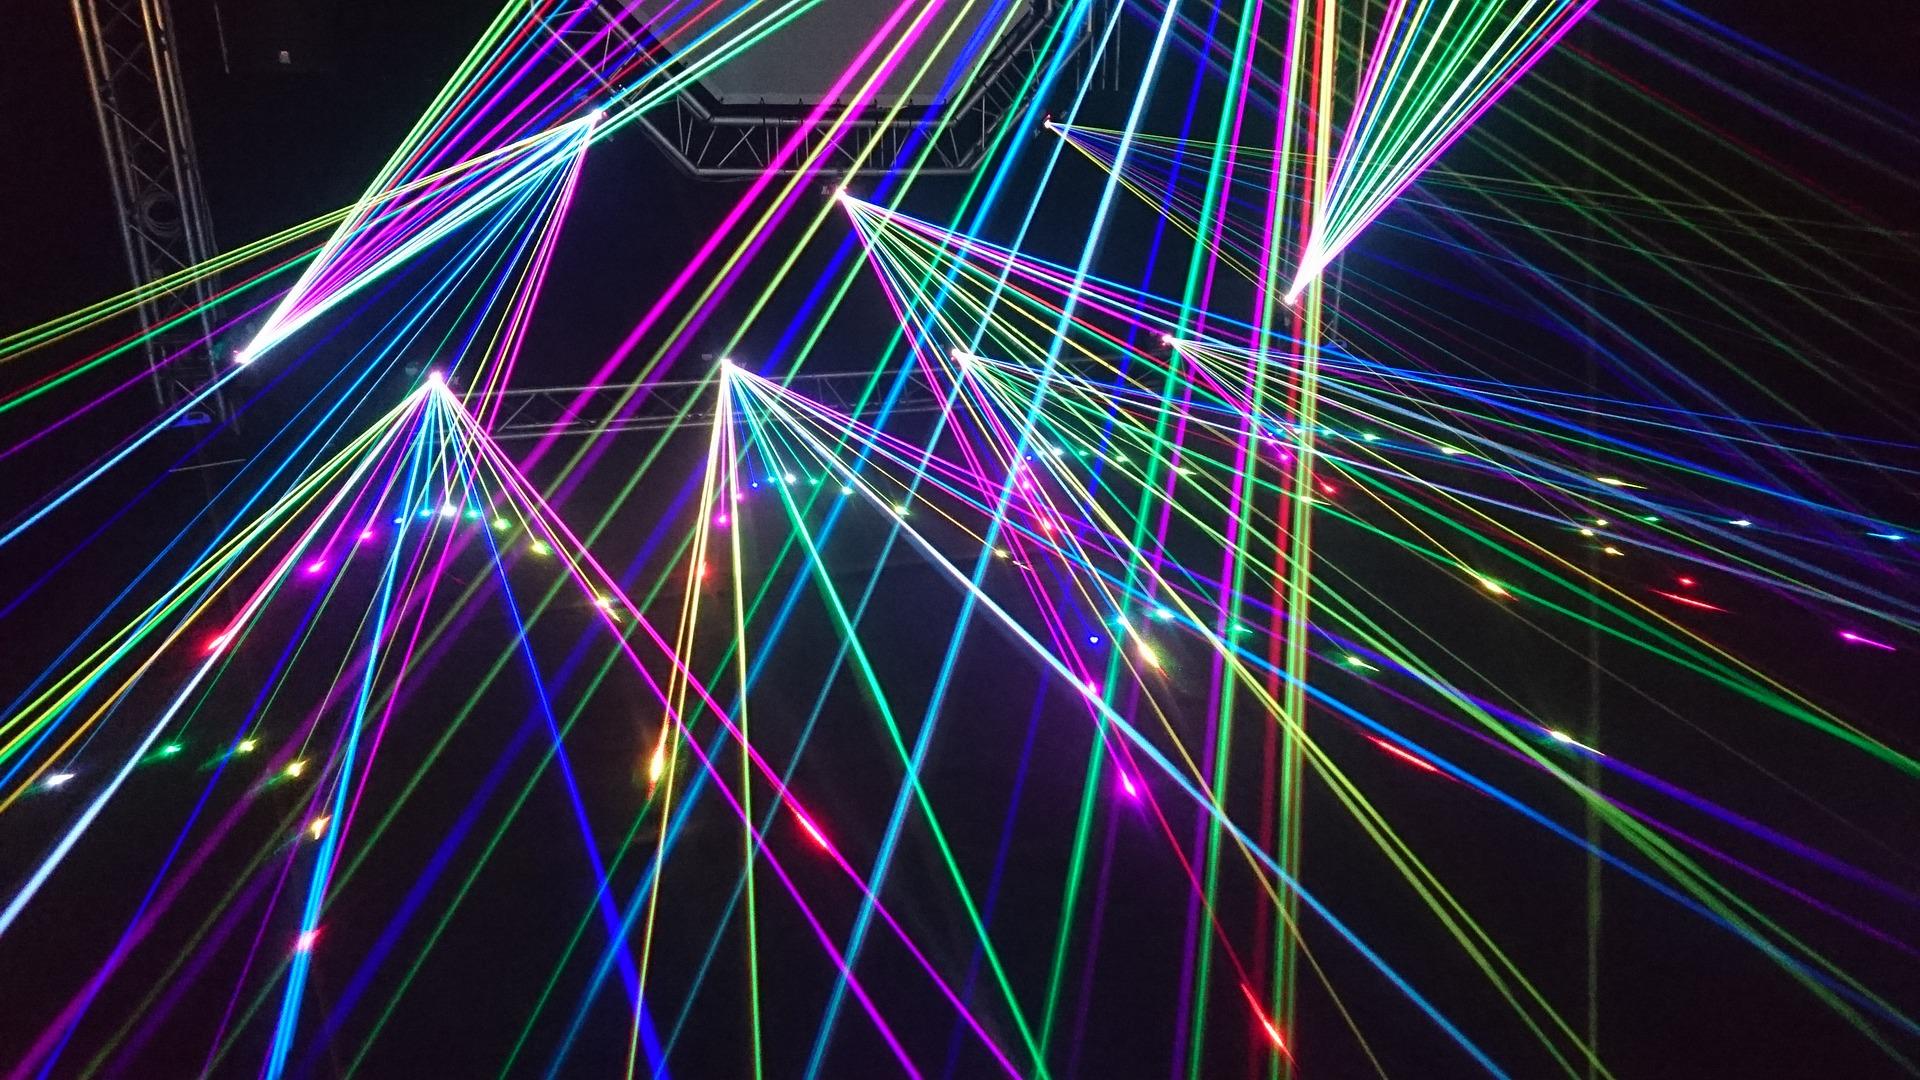 Laser entfernungsmesser plr von boschwerkzeugforum